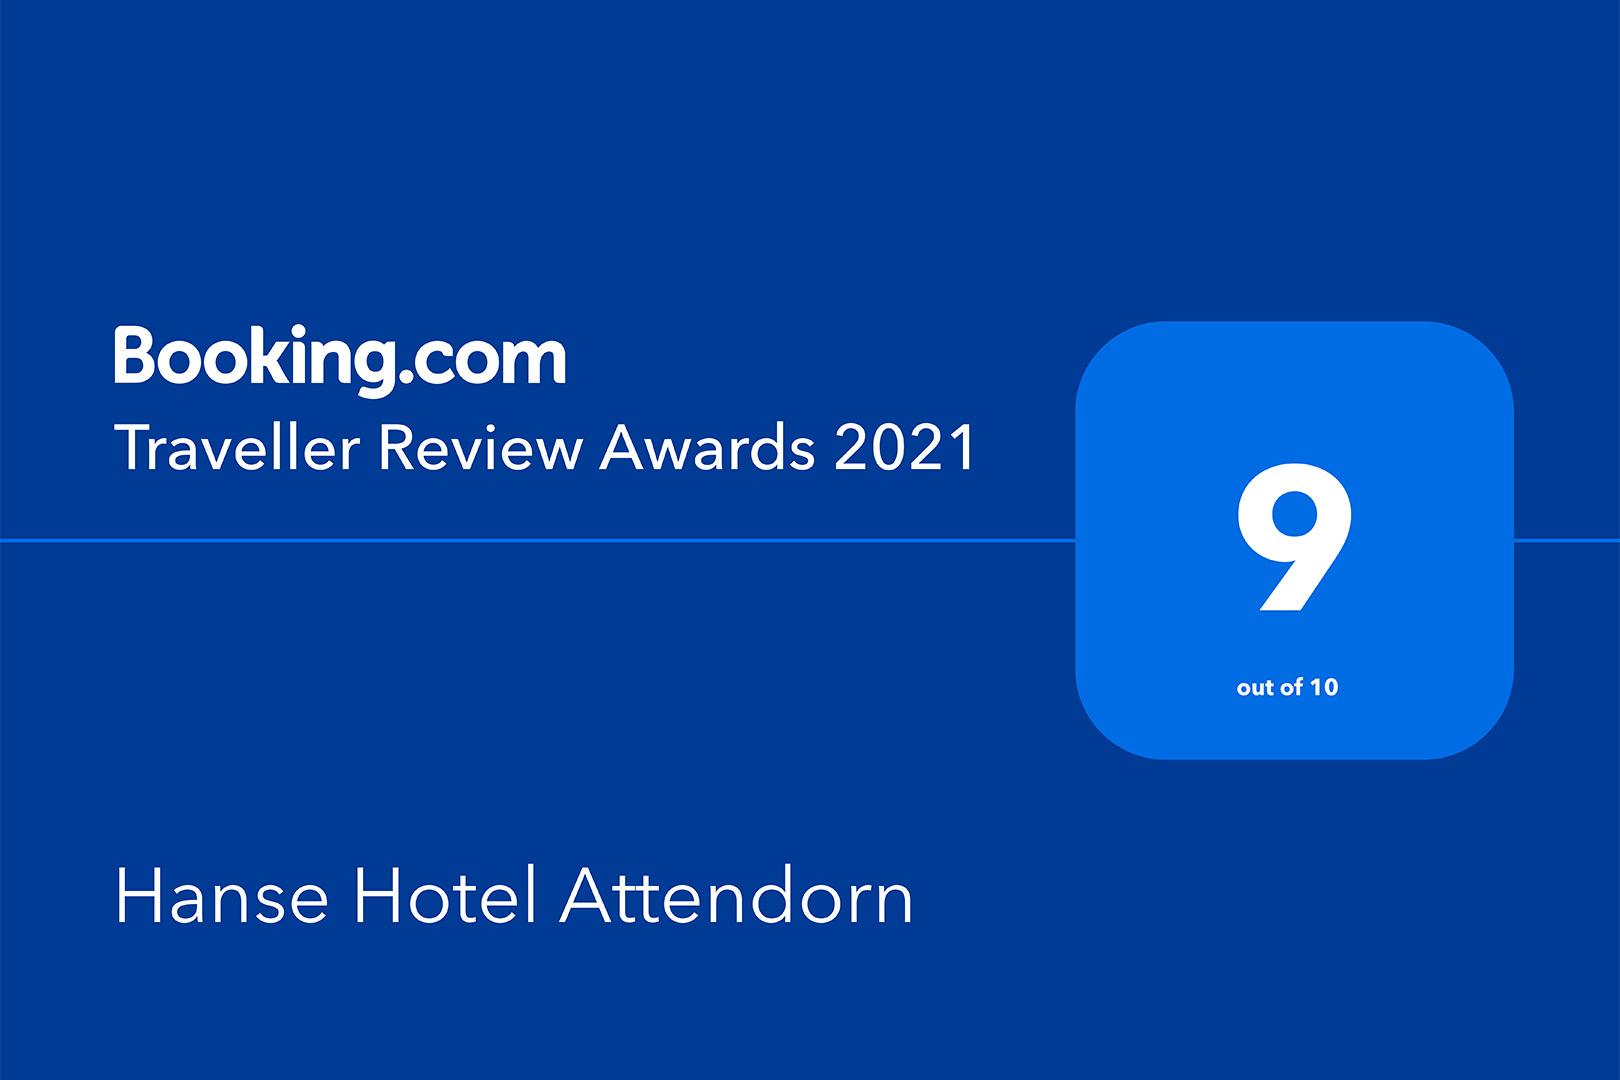 Hanse Hotel Attendorn - Traveller Review Award 2021